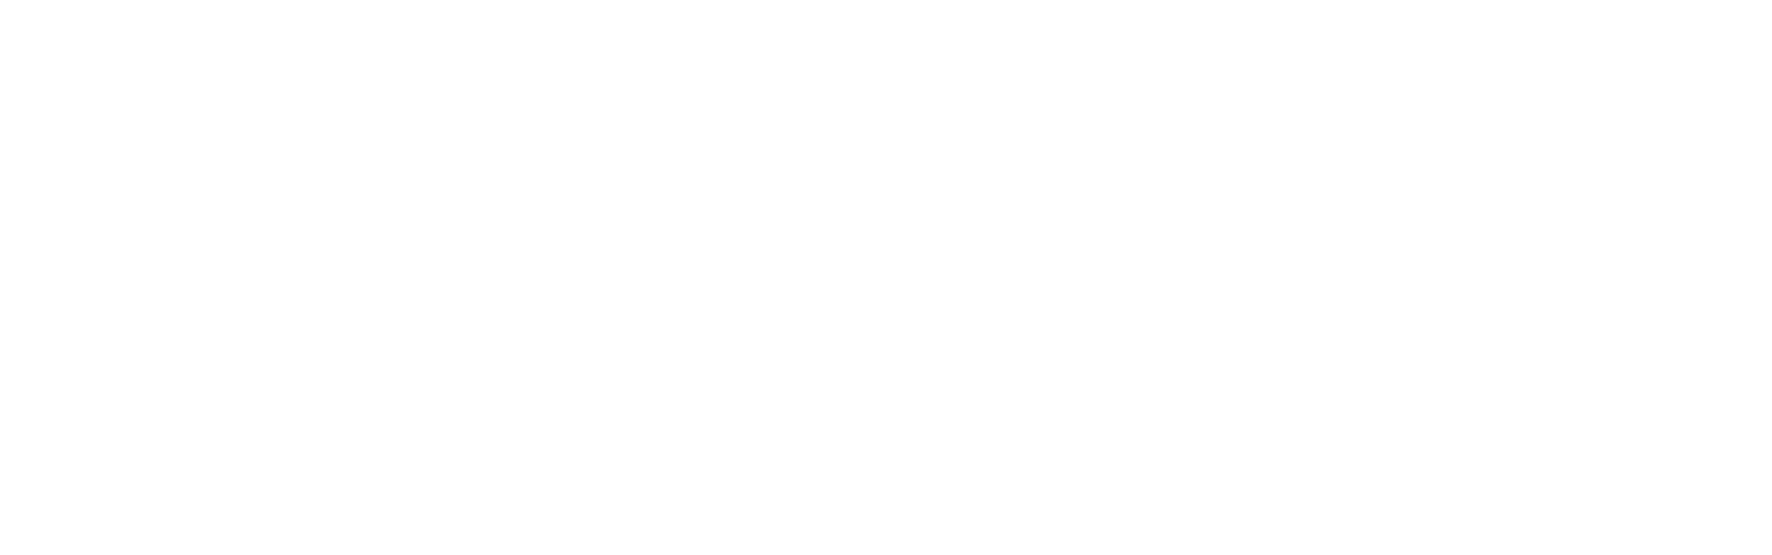 深圳百高文化传播有限公司